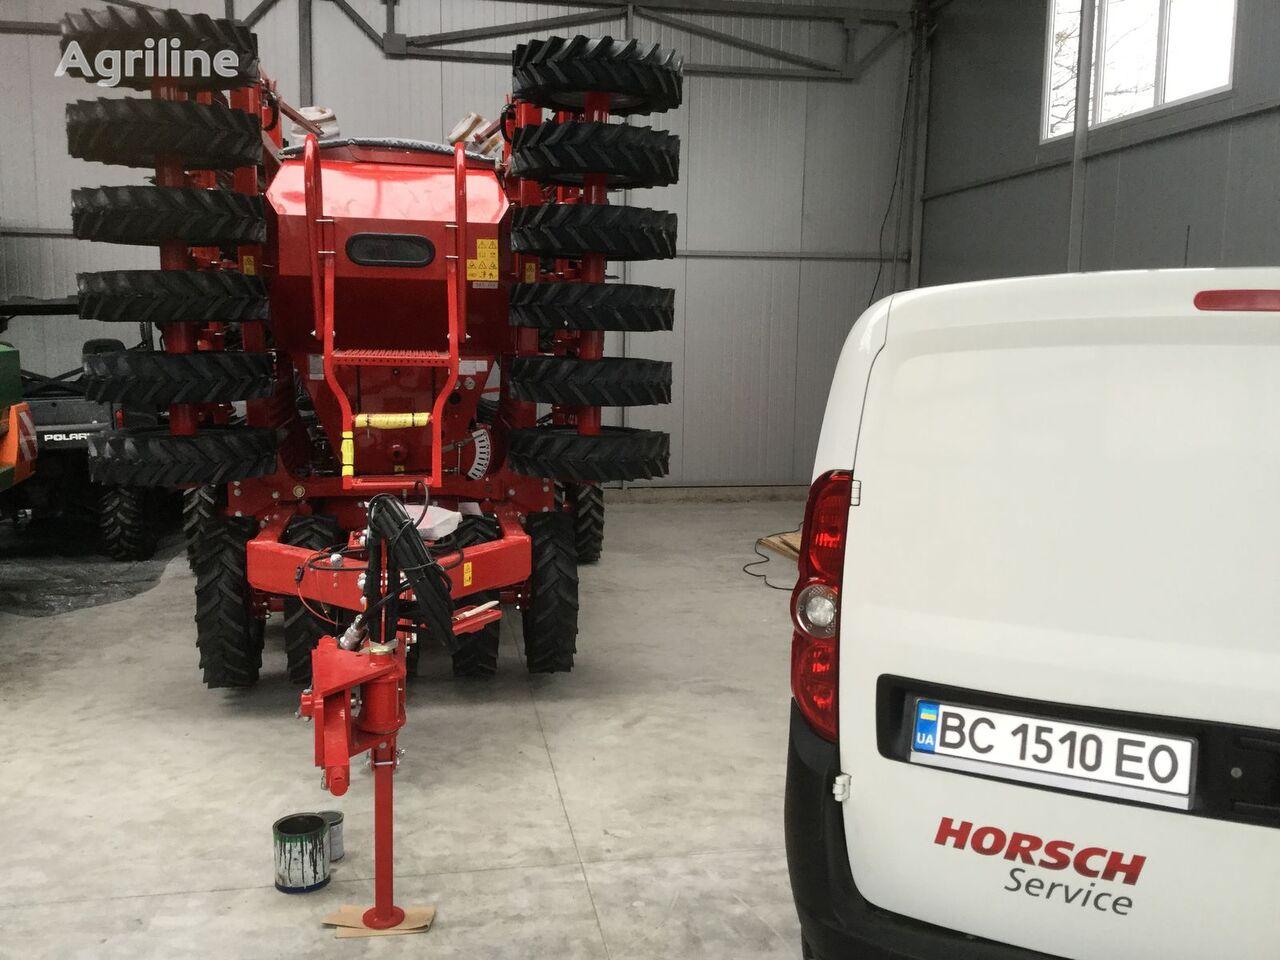 HORSCH Pronto DC sembradora neumática nueva